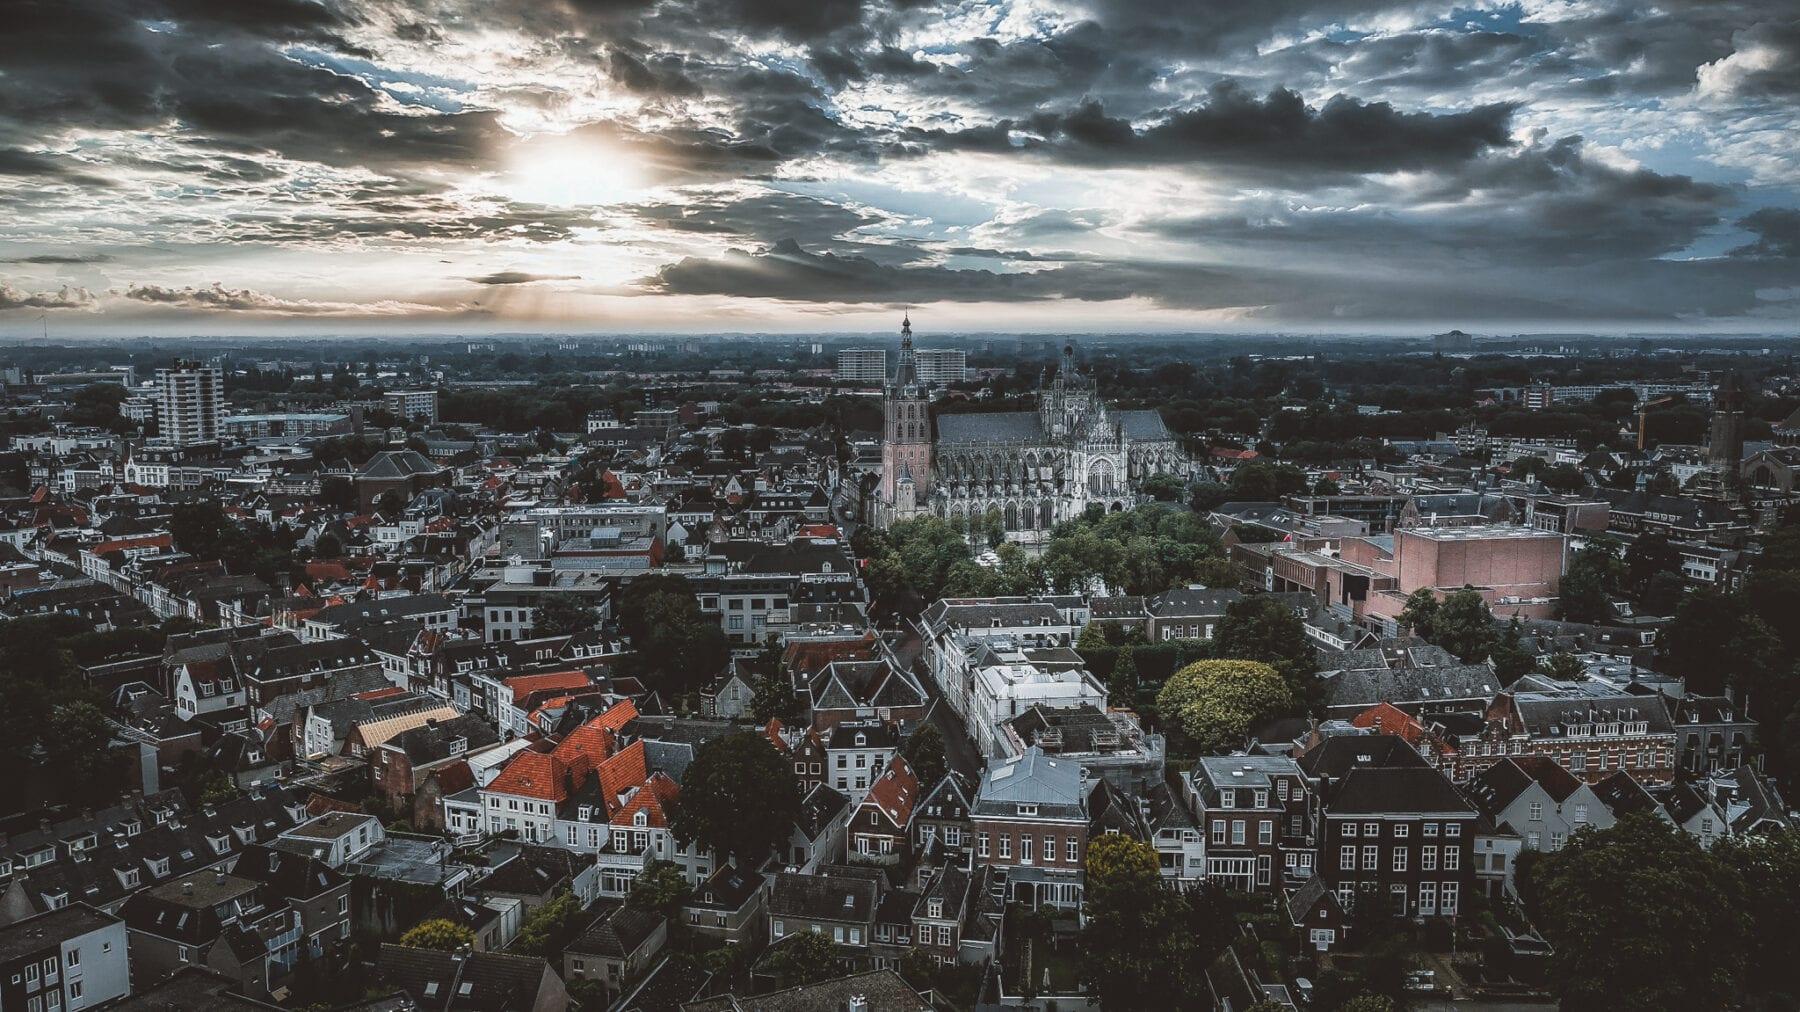 De Sint Janskathedraal